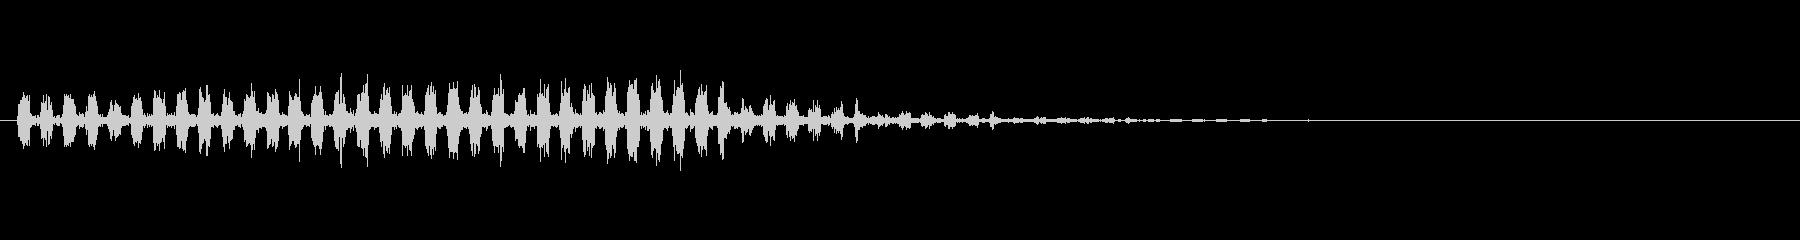 プルプルと飛ぶ効果音の未再生の波形